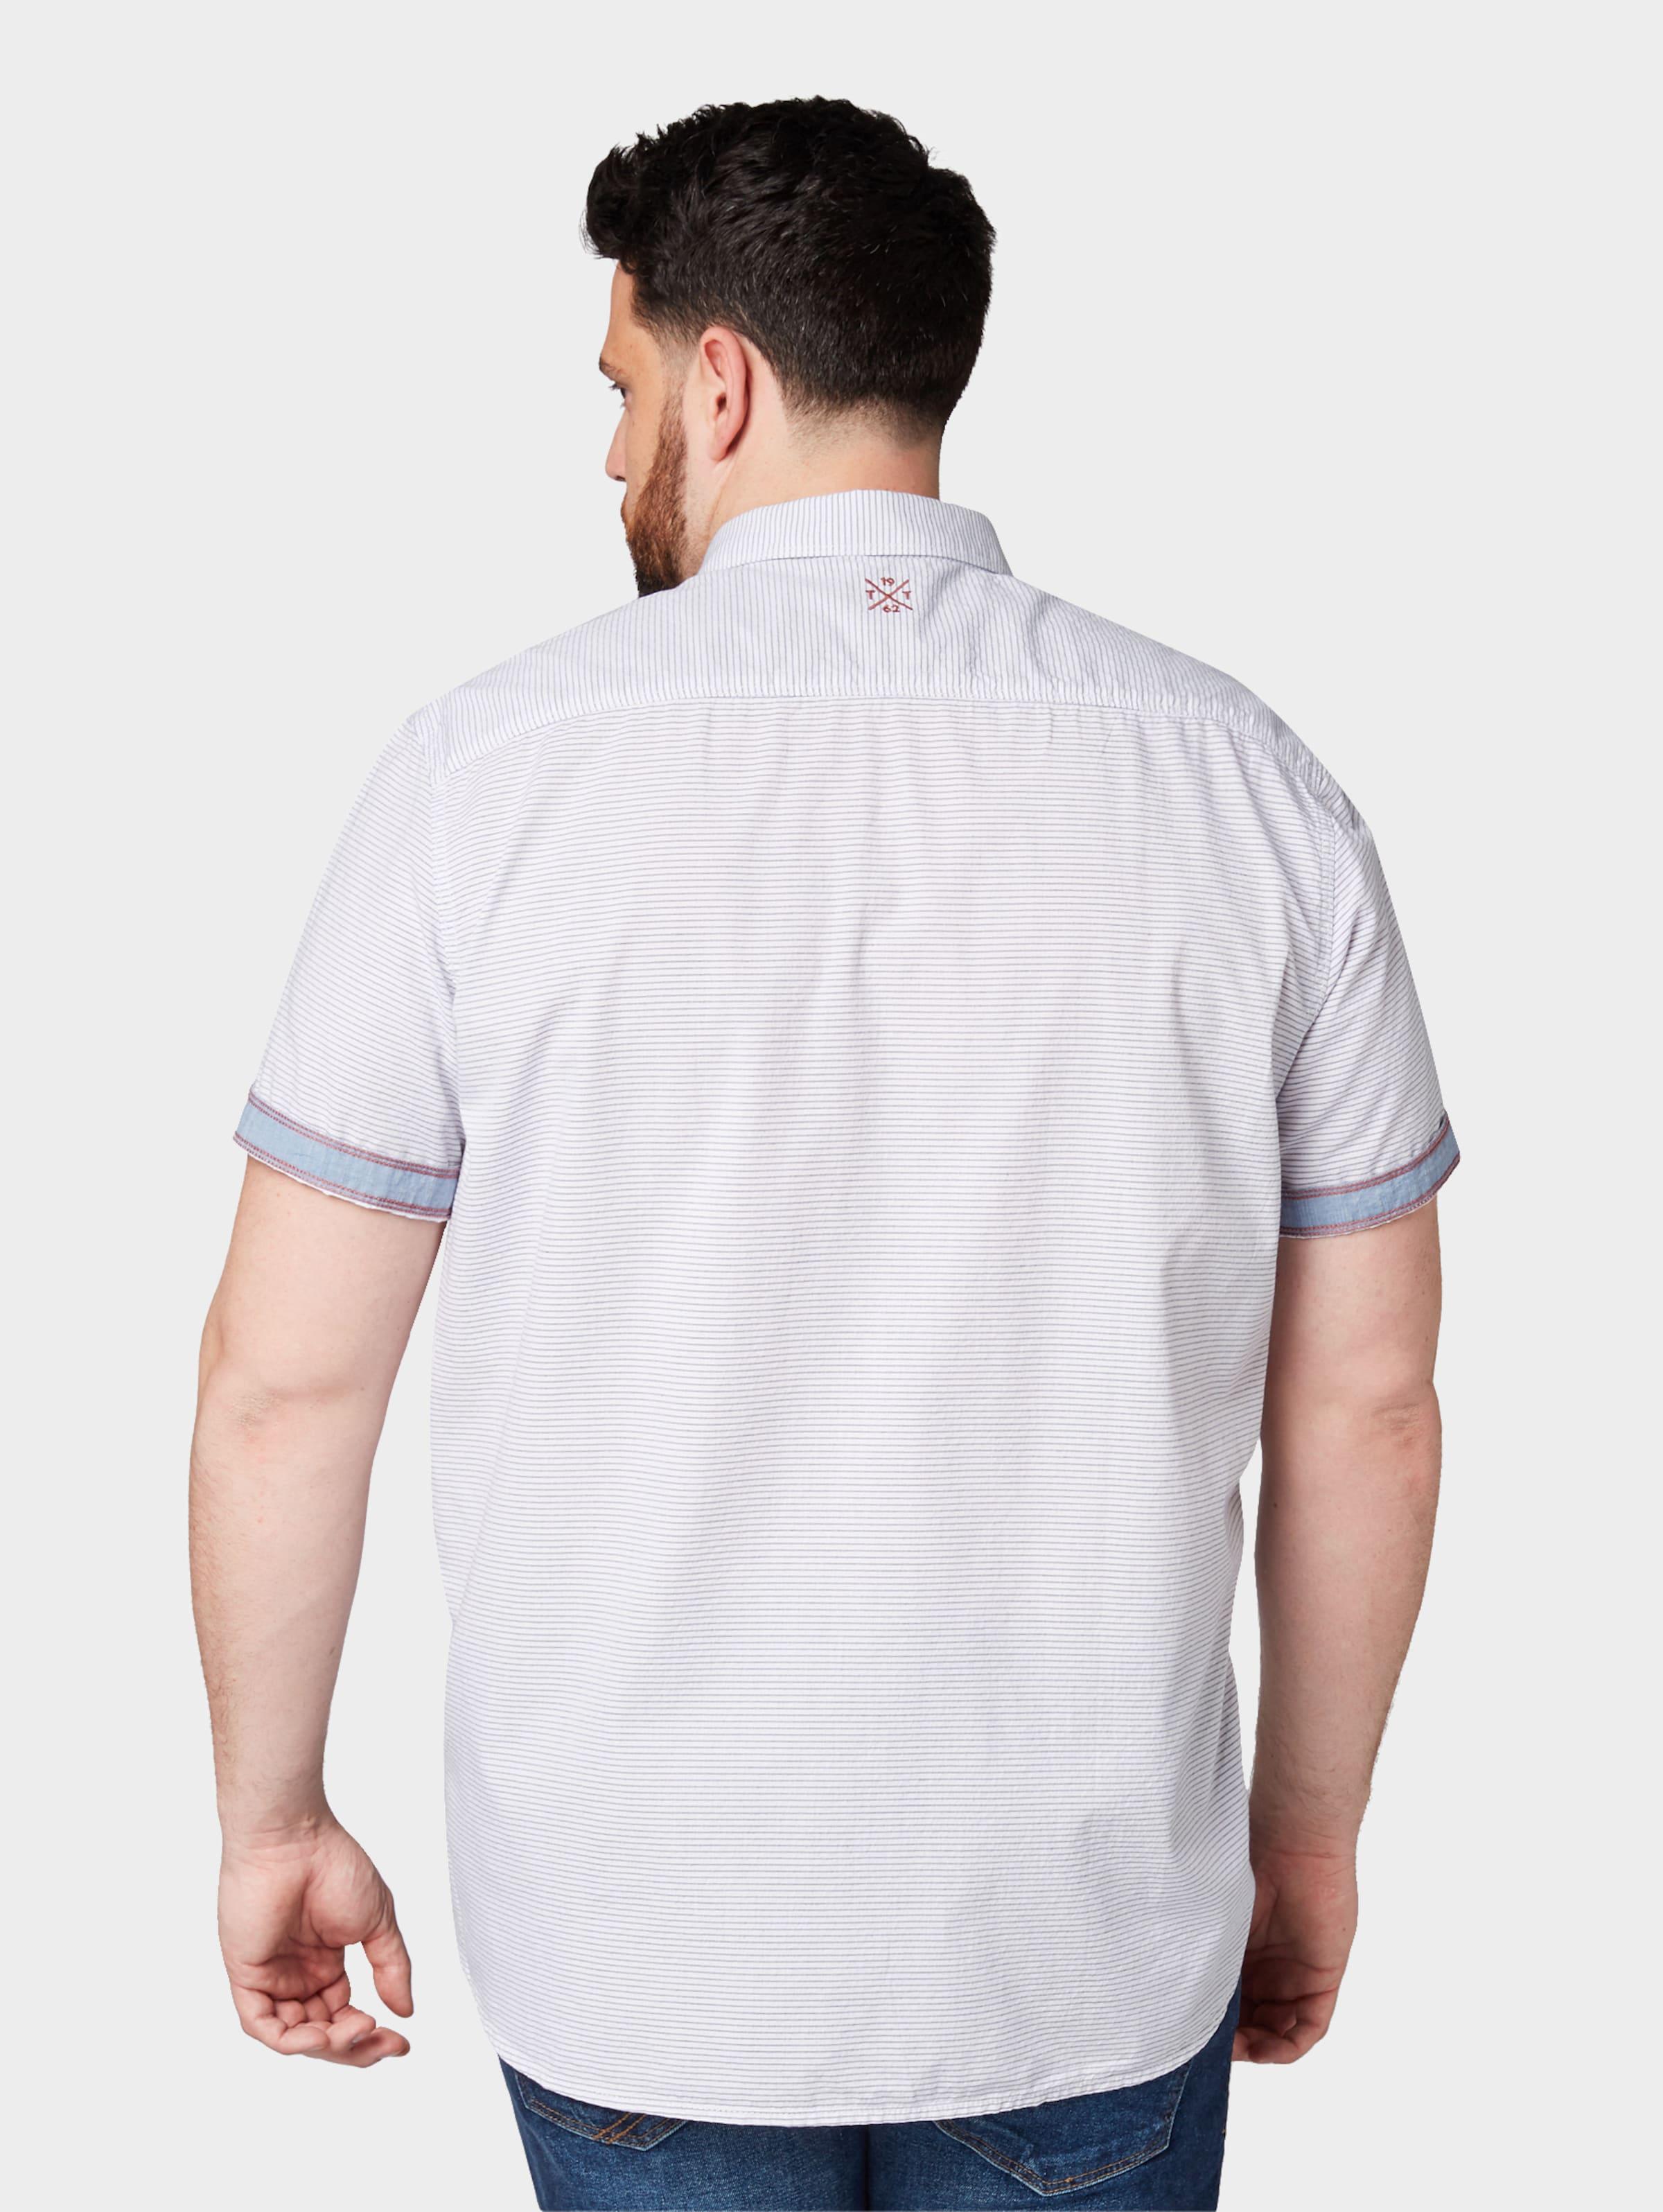 Tom Tailor Tom Tailor Hemd Hemd In In TaubenblauWeiß 8nwvmN0